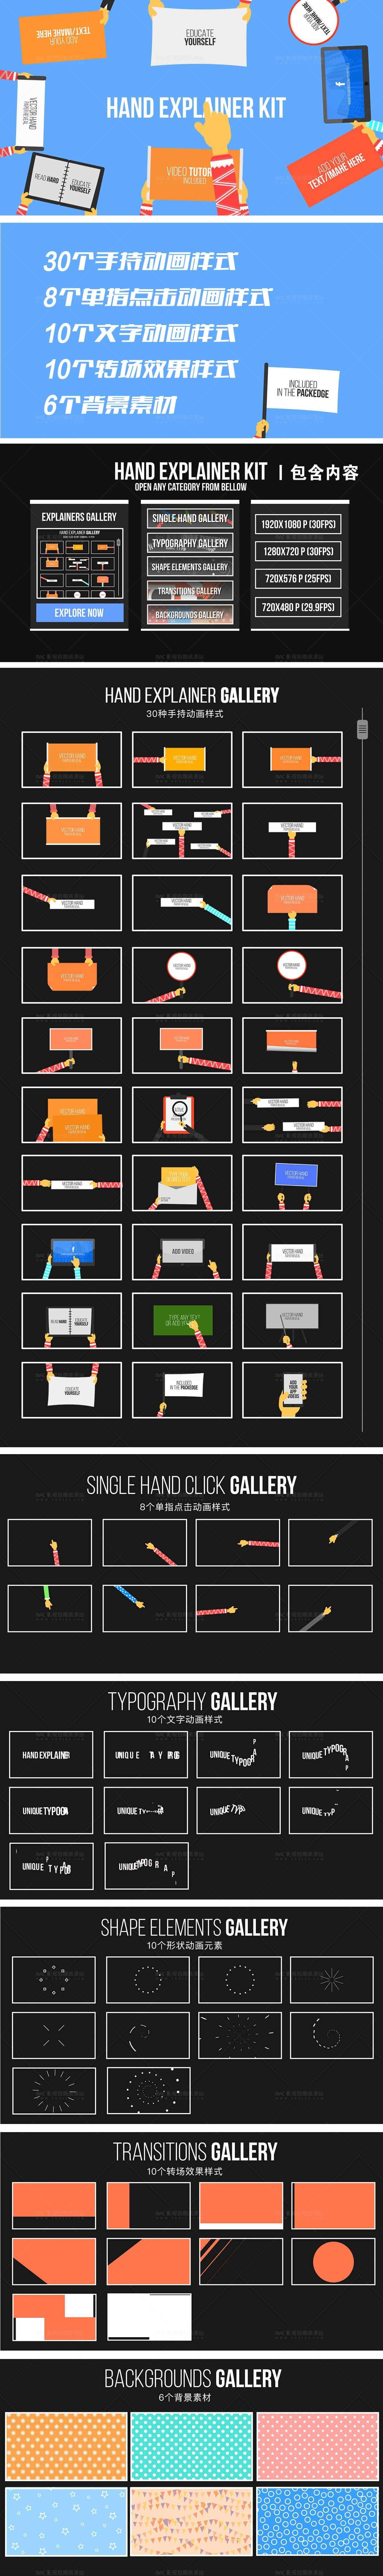 卡通人物手持画板MG动画 Hand Explainer Kit AE模板